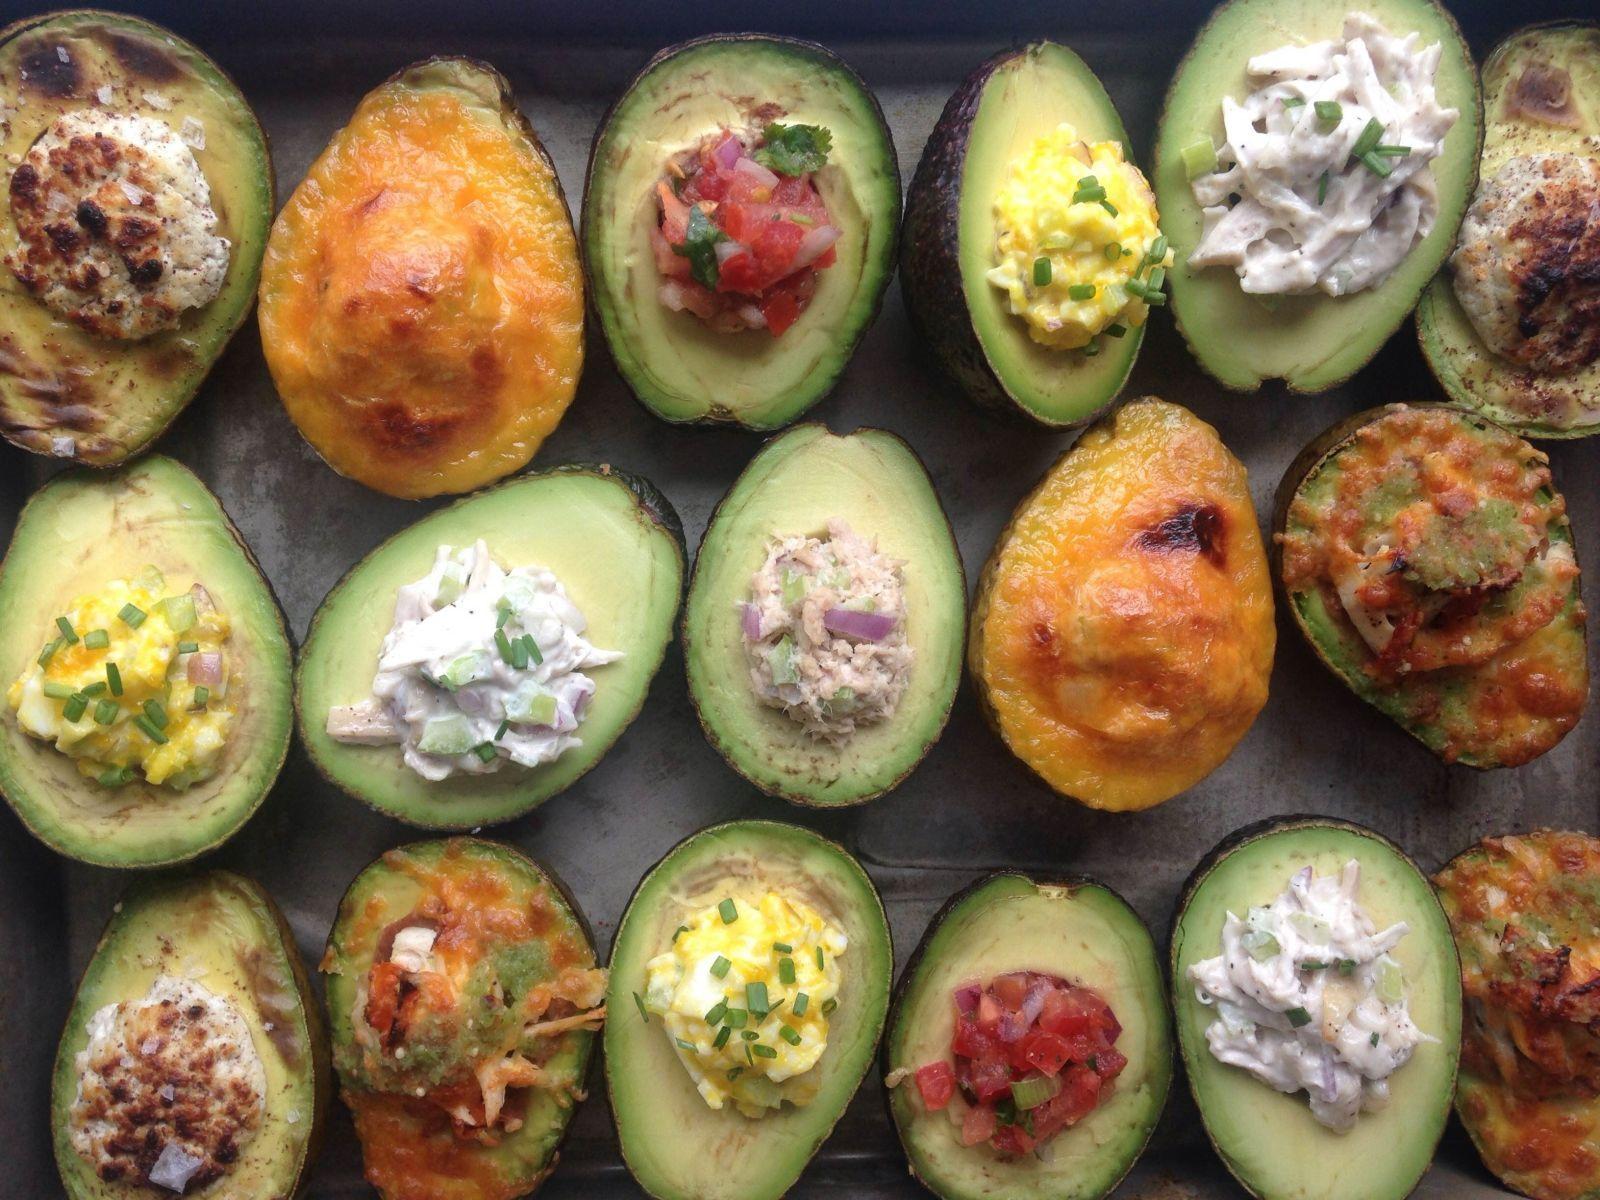 21 Genius Ways To Get Your Avocado Fix - Delish.com